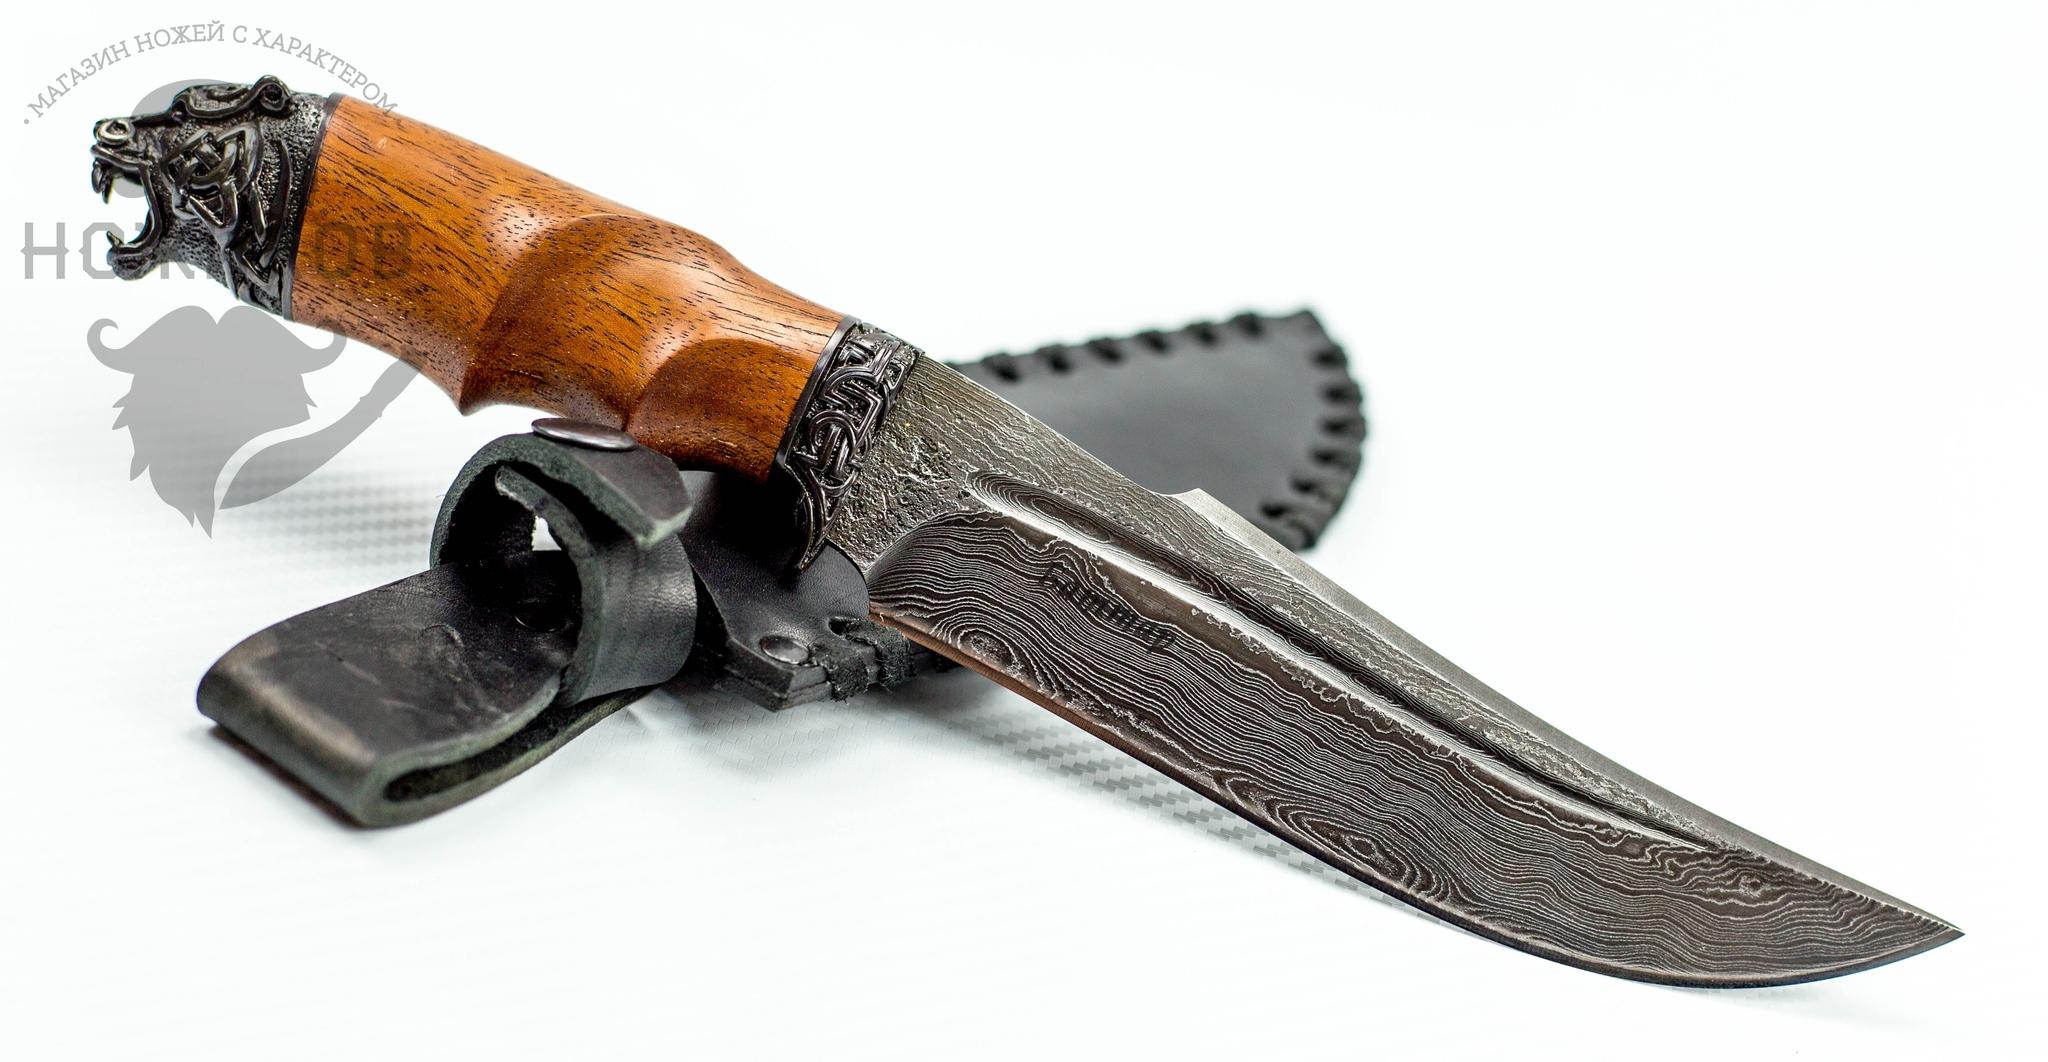 Фото 4 - Авторский Нож из Дамаска №82, Кизляр